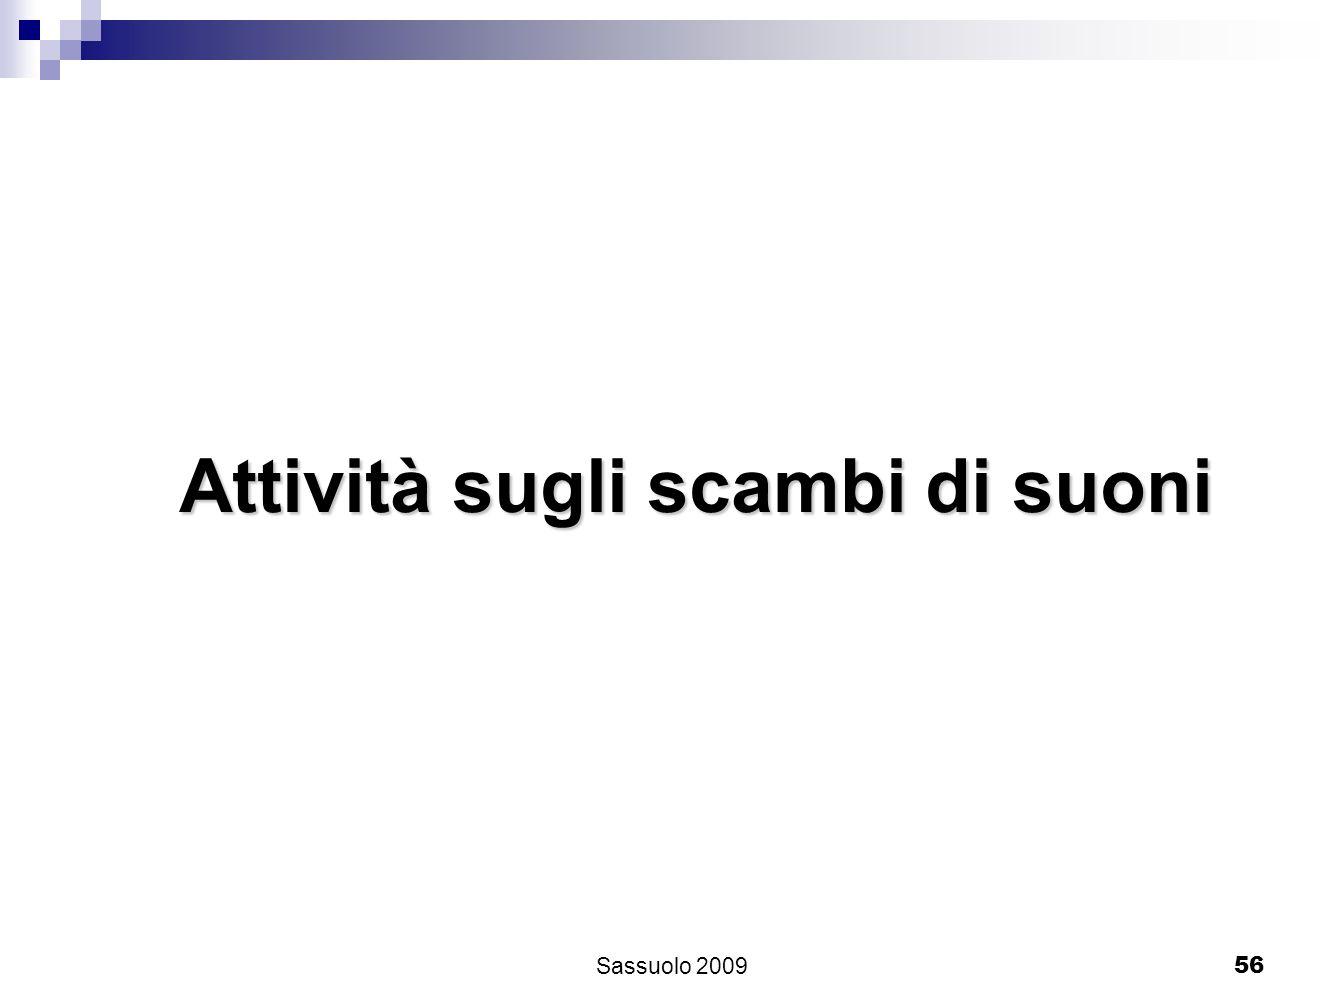 56 Attività sugli scambi di suoni Sassuolo 2009